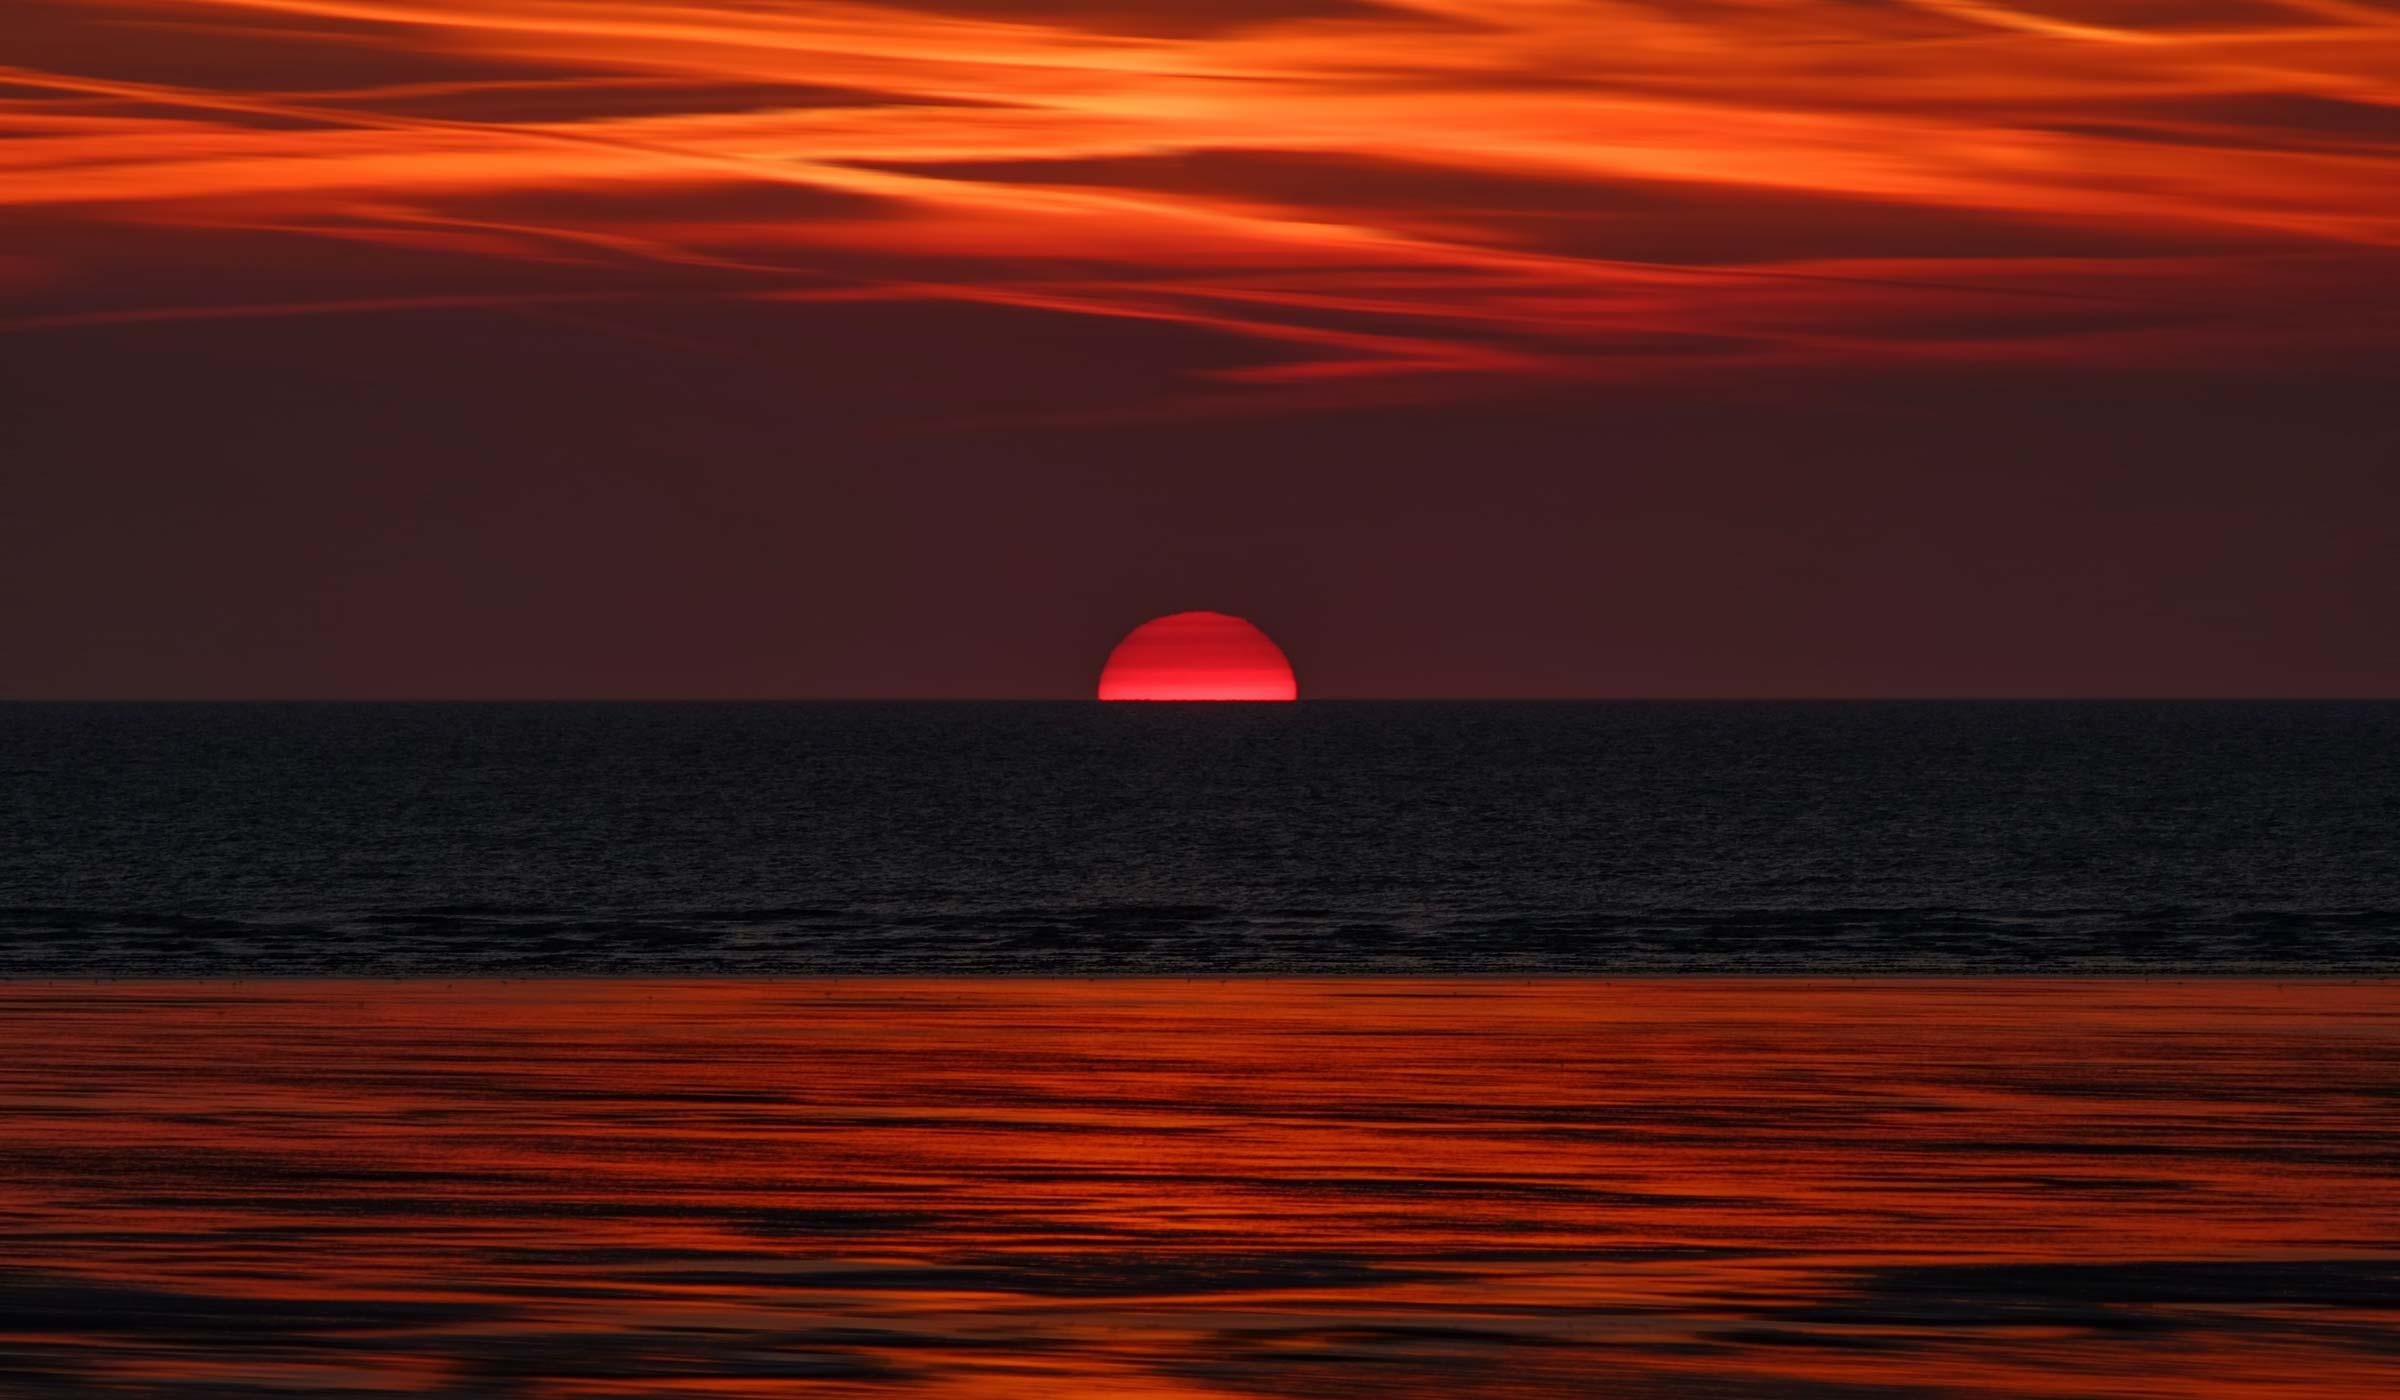 Sunrise - Best time for yoga nidra